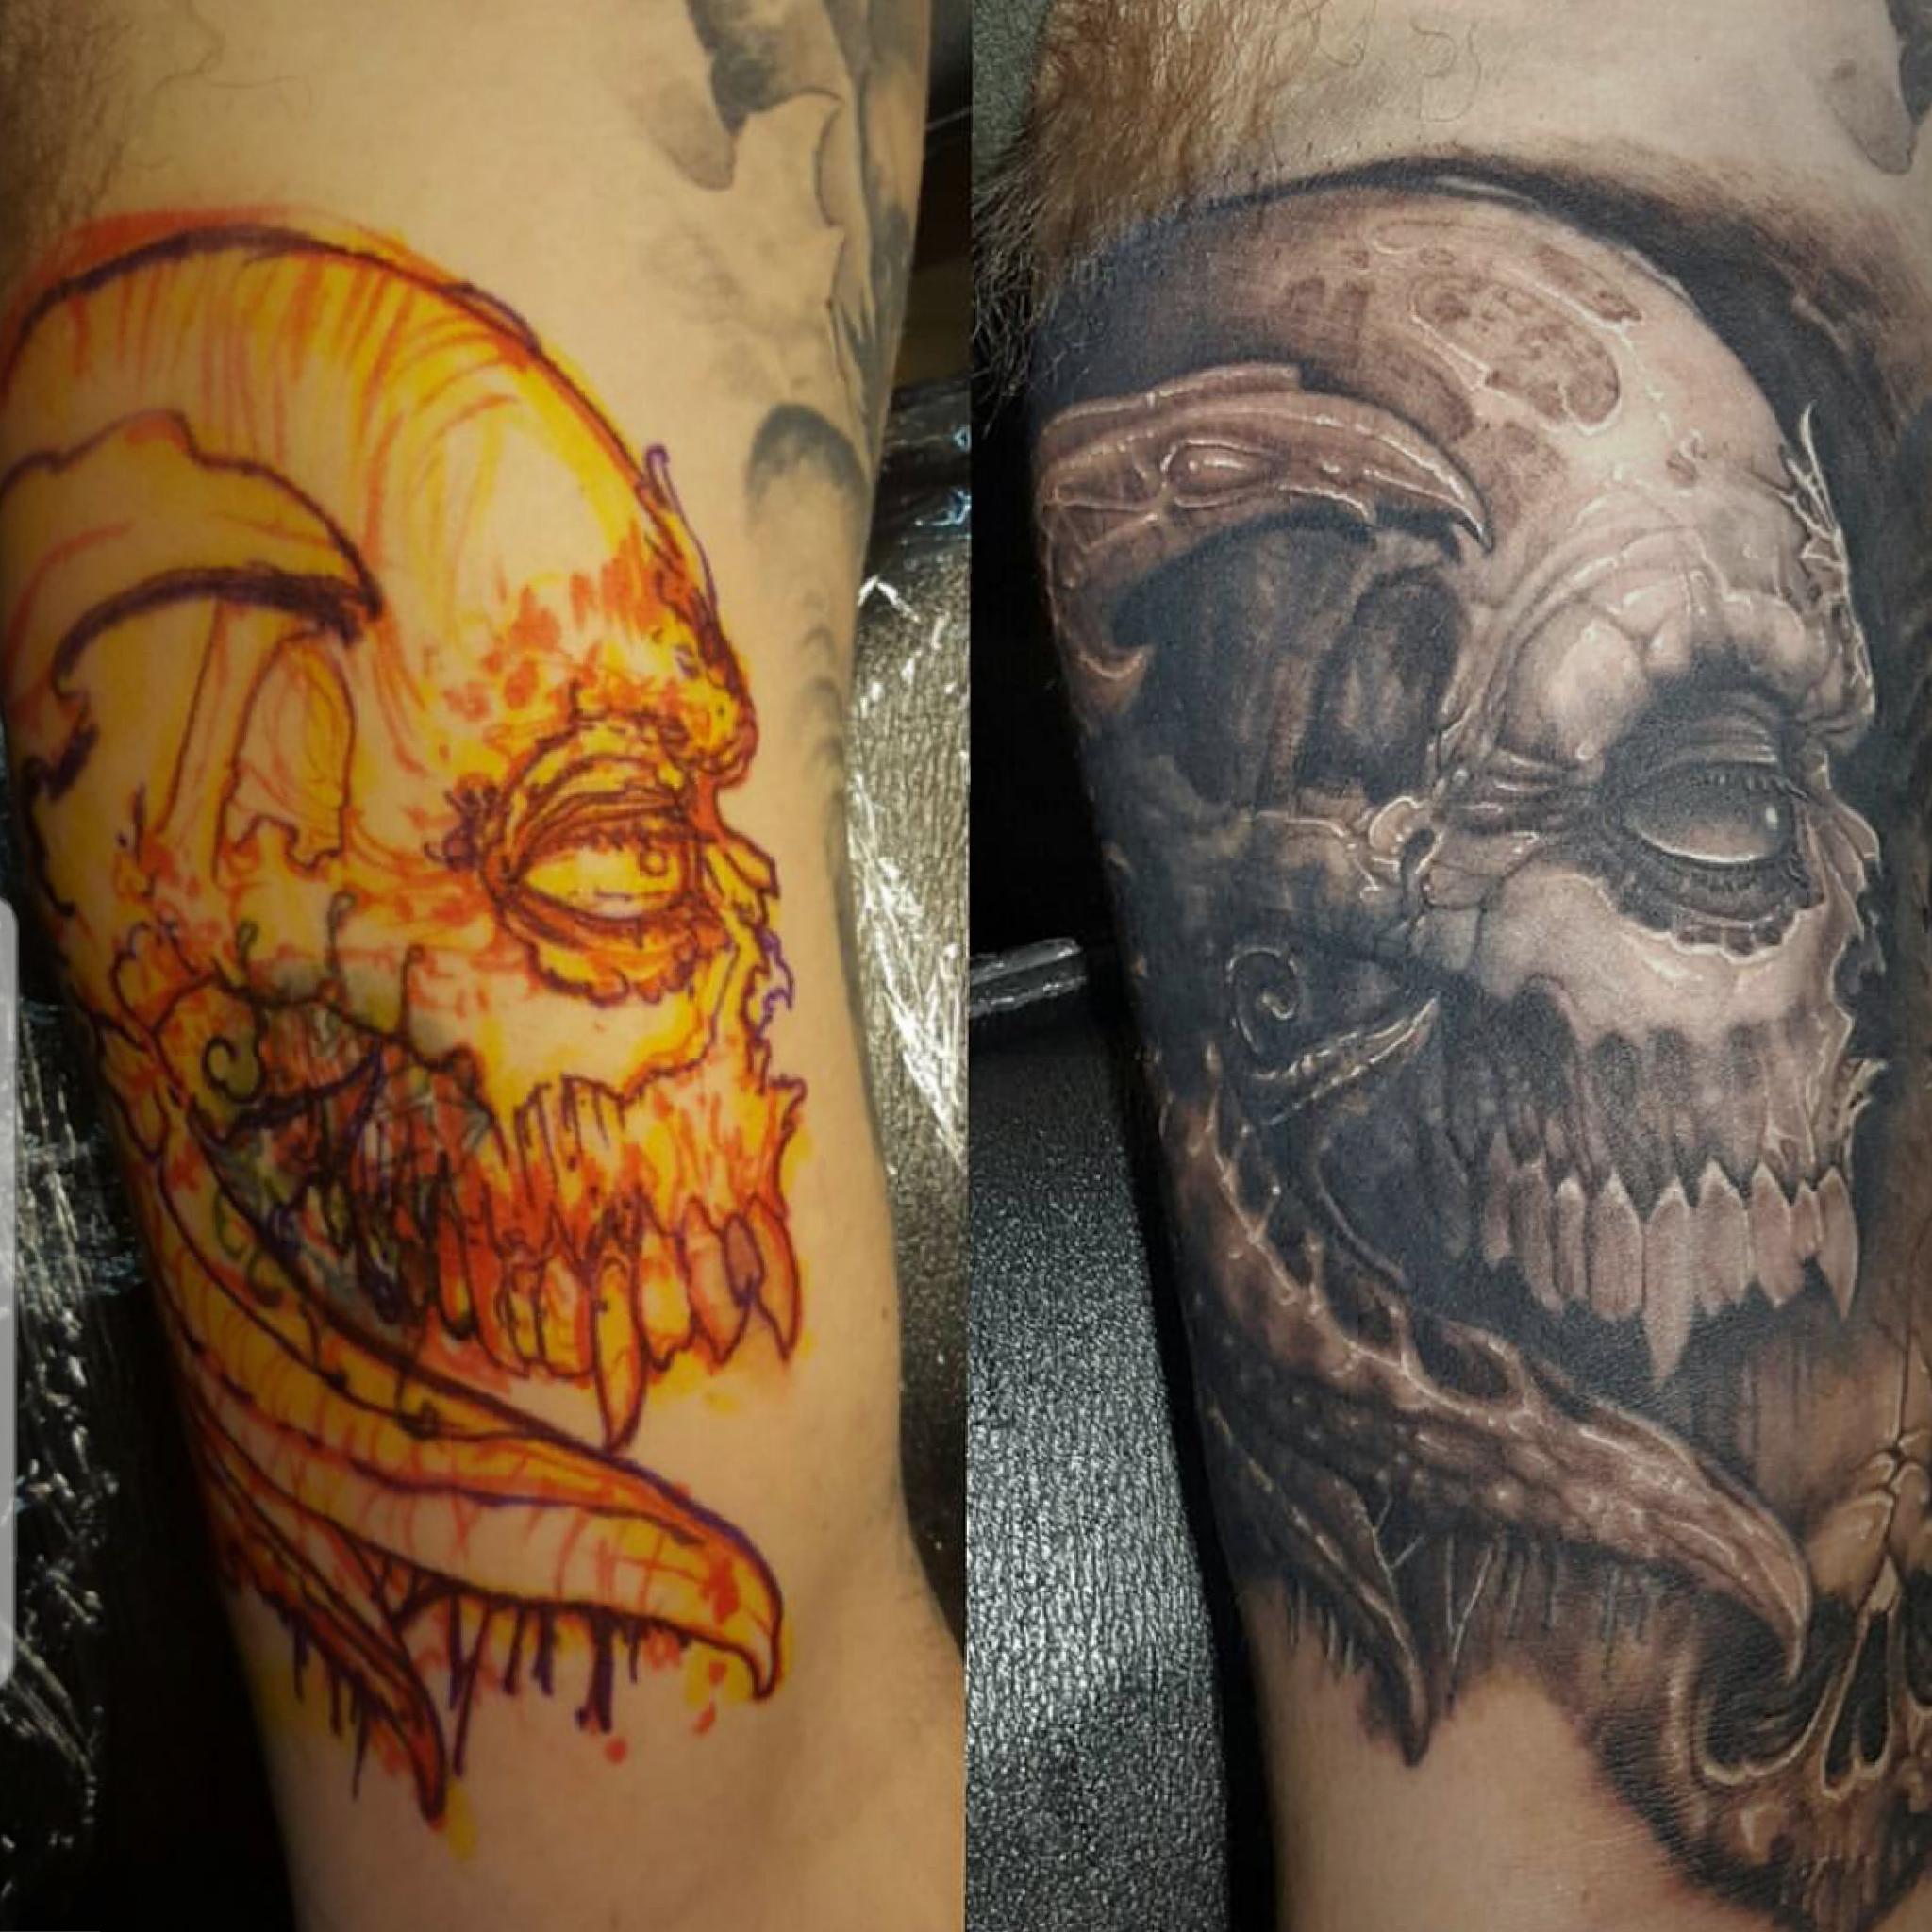 Roadkill Riley Tattoo 2019 Okanagan Tattoo Show & Brewfest Artist